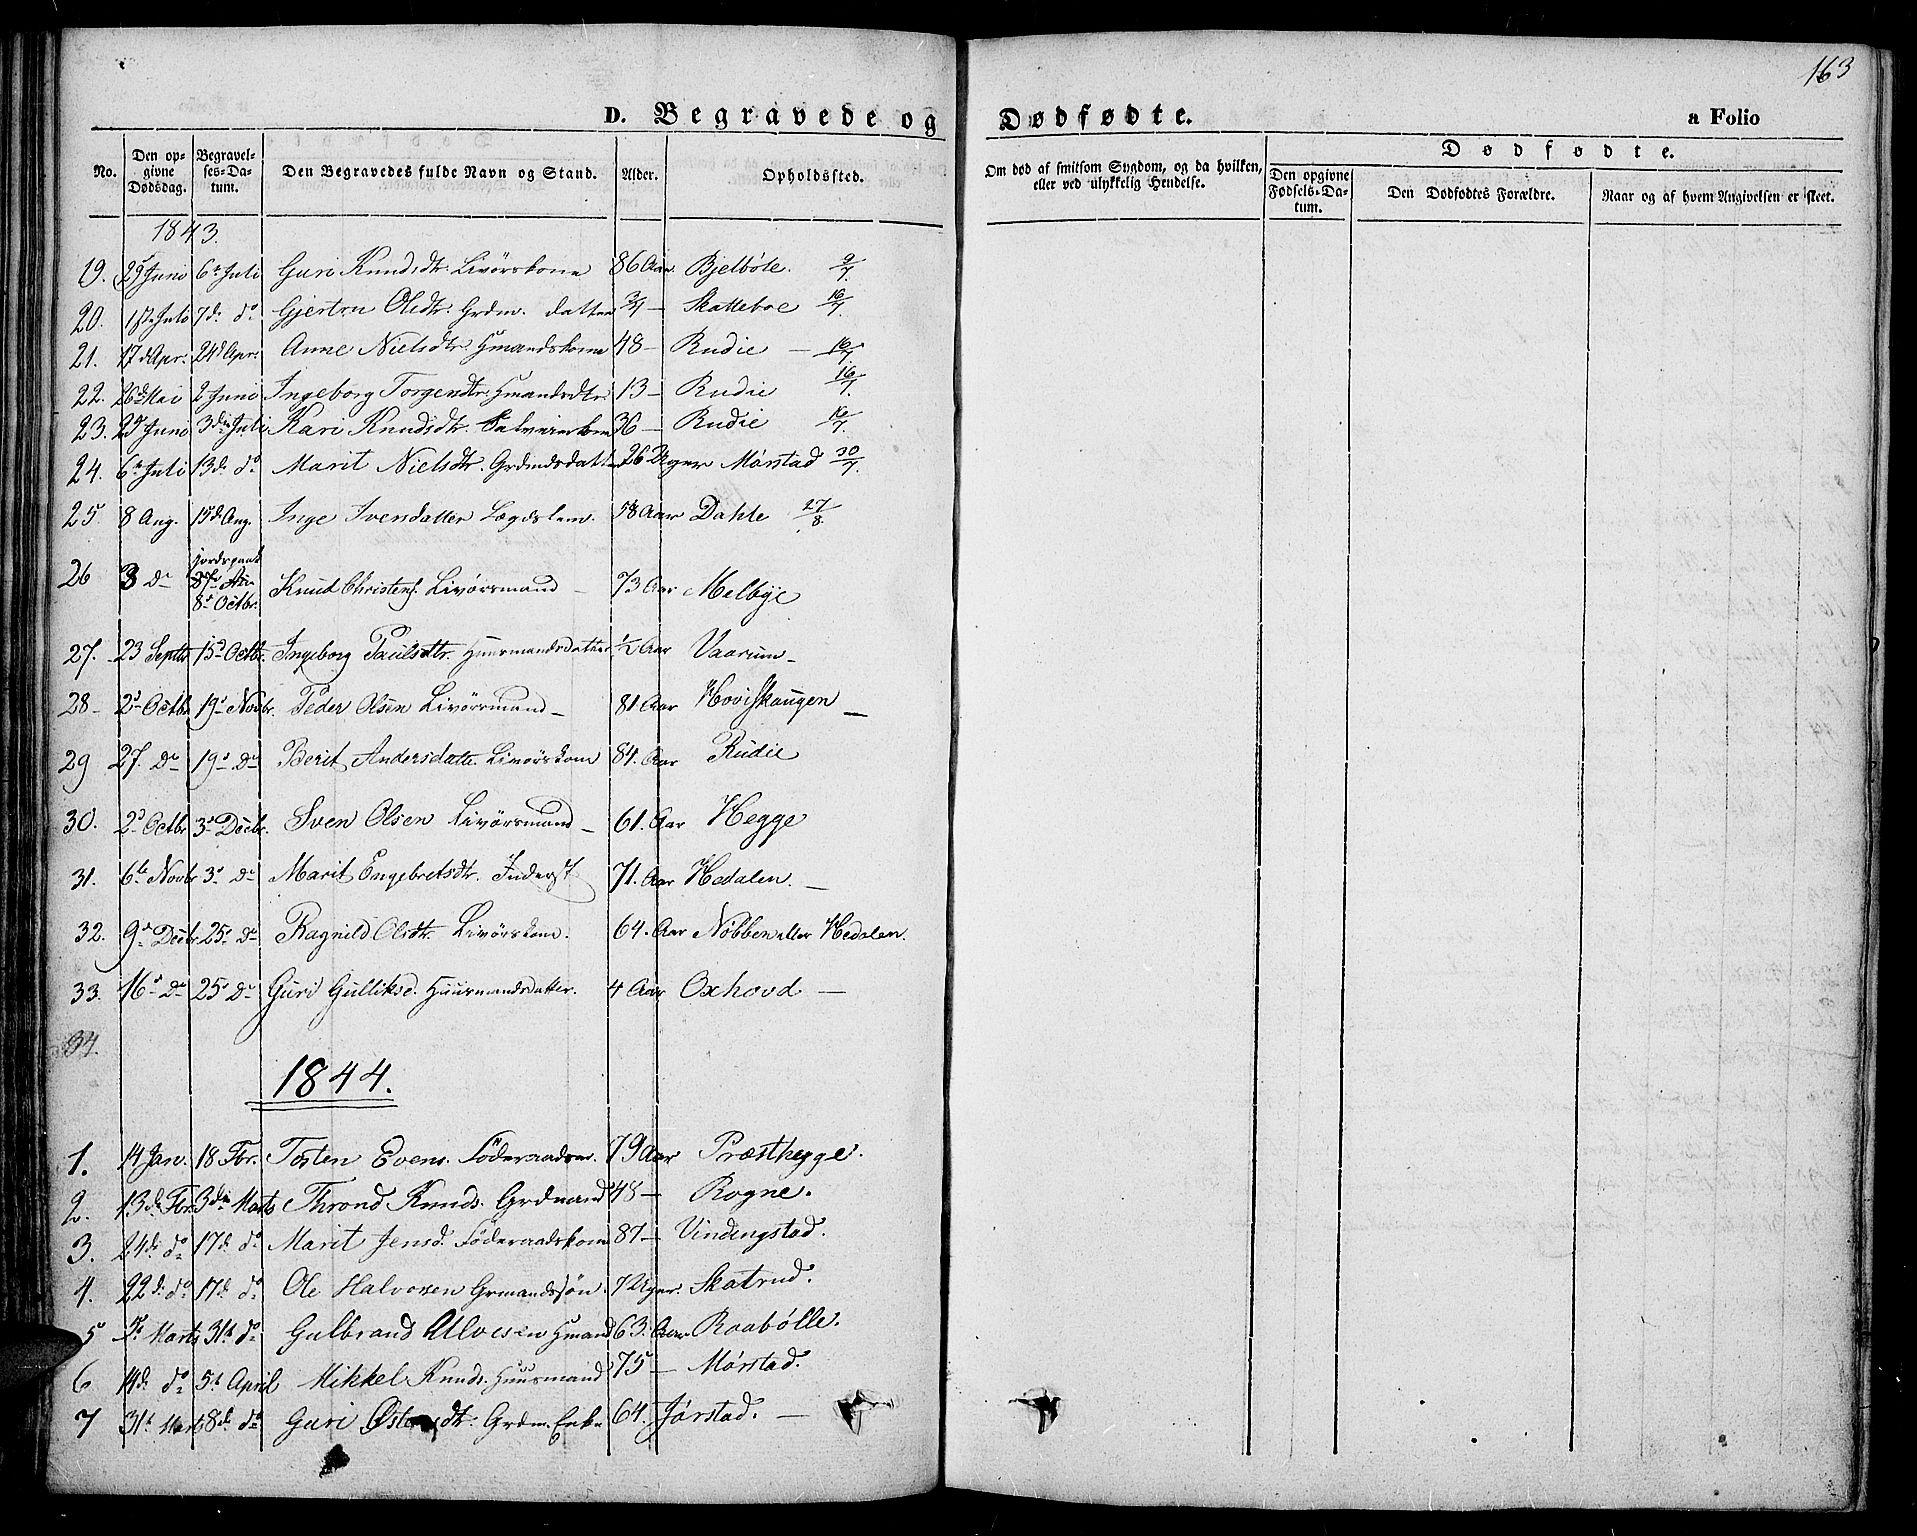 SAH, Slidre prestekontor, Ministerialbok nr. 4, 1831-1848, s. 163